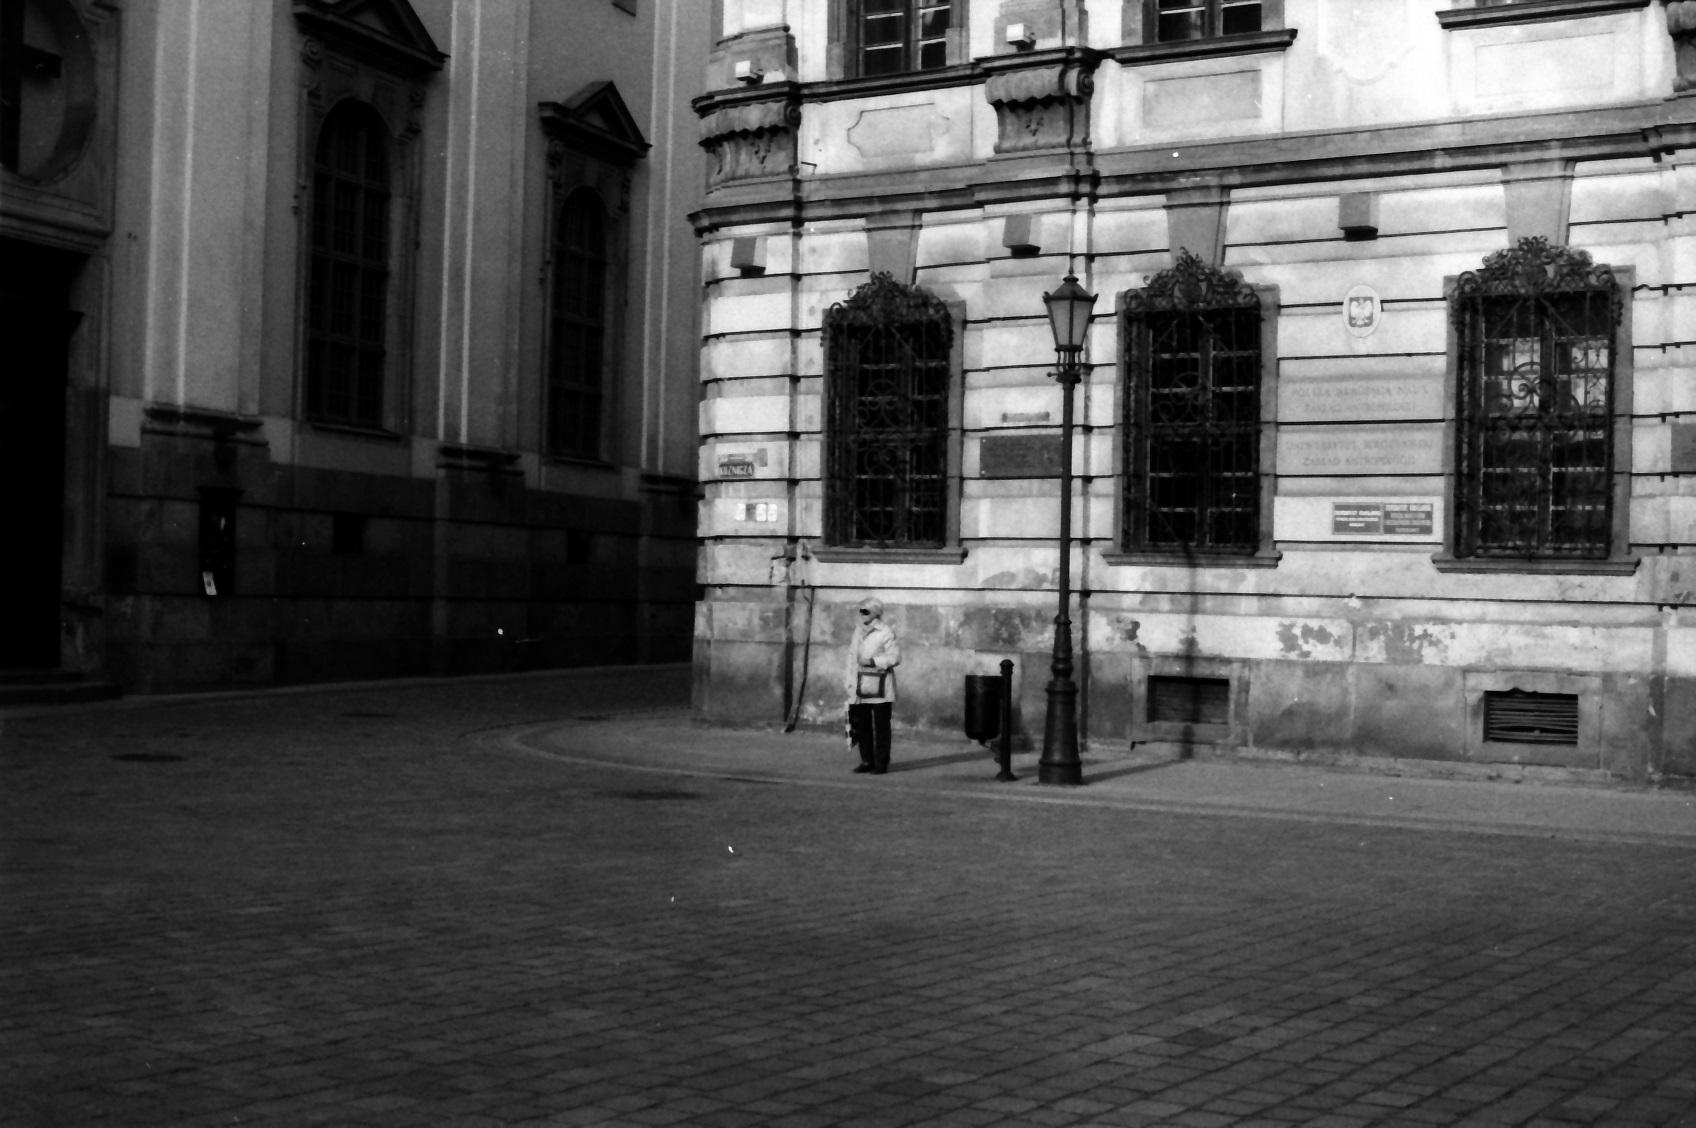 Veit Schmoll. Streetlight. 2015